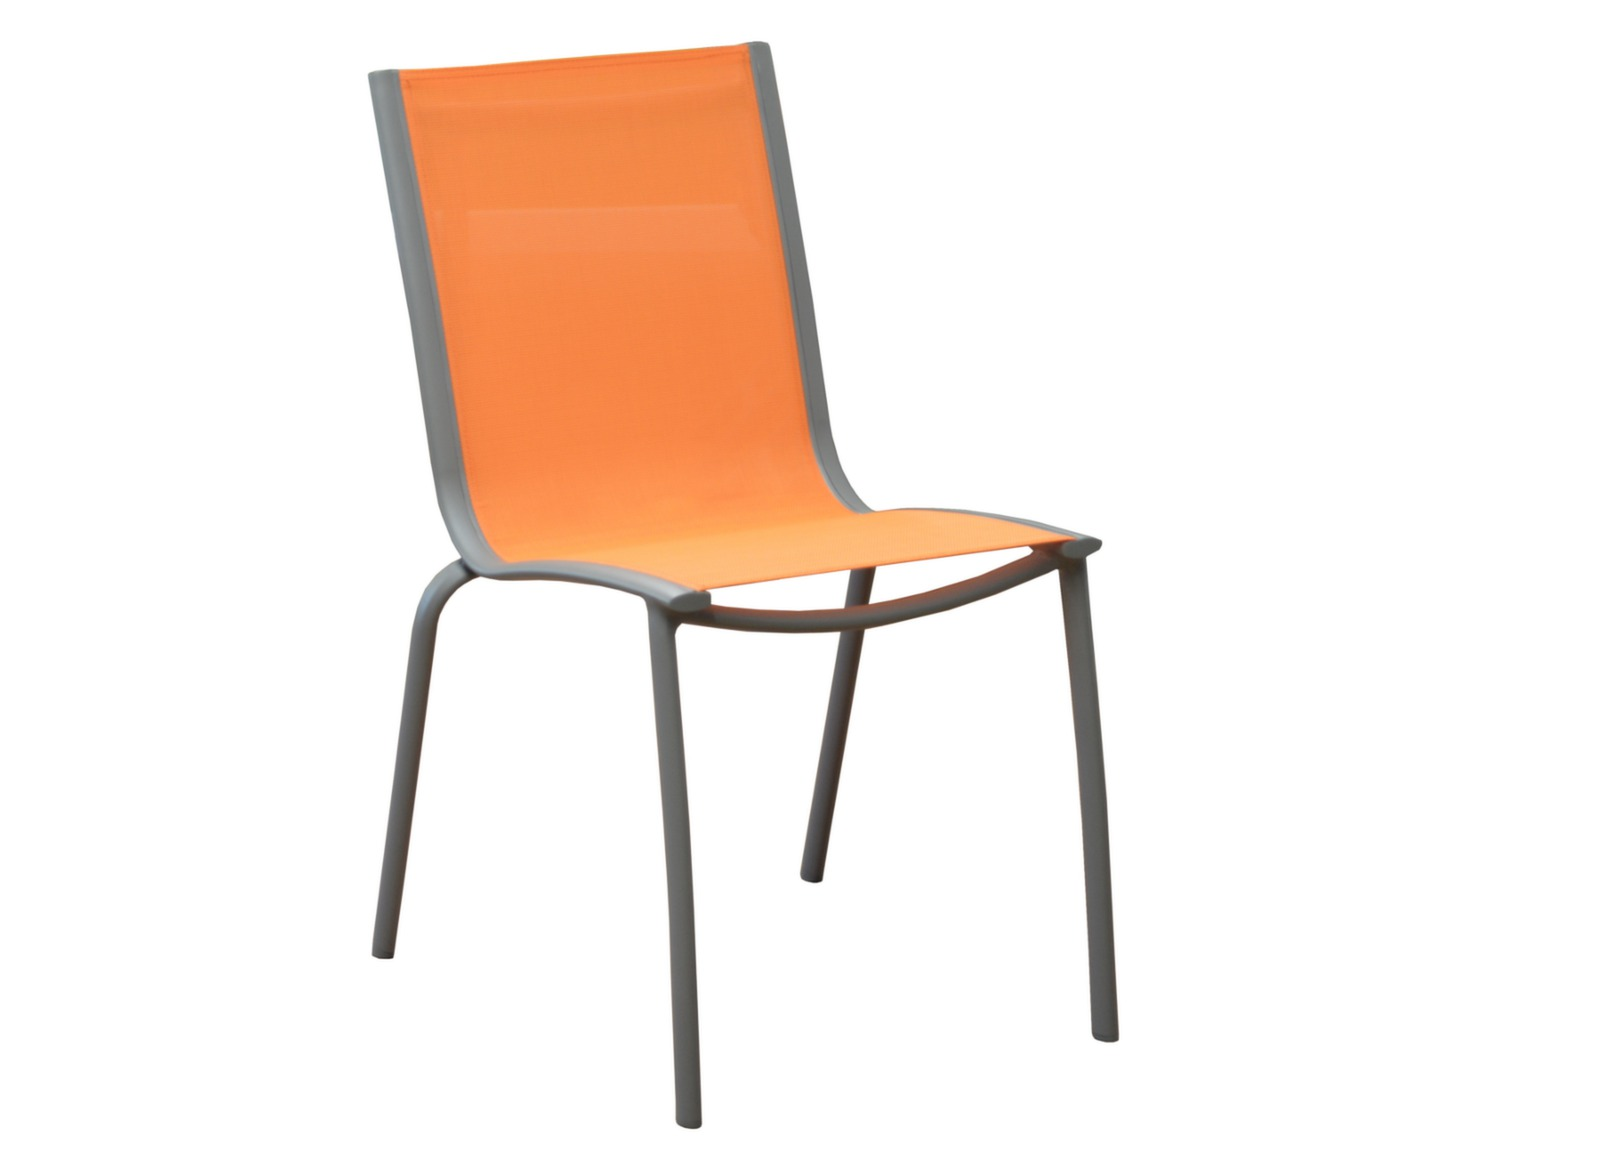 Chaise de jardin en aluminium Linéa empilable - Proloisirs